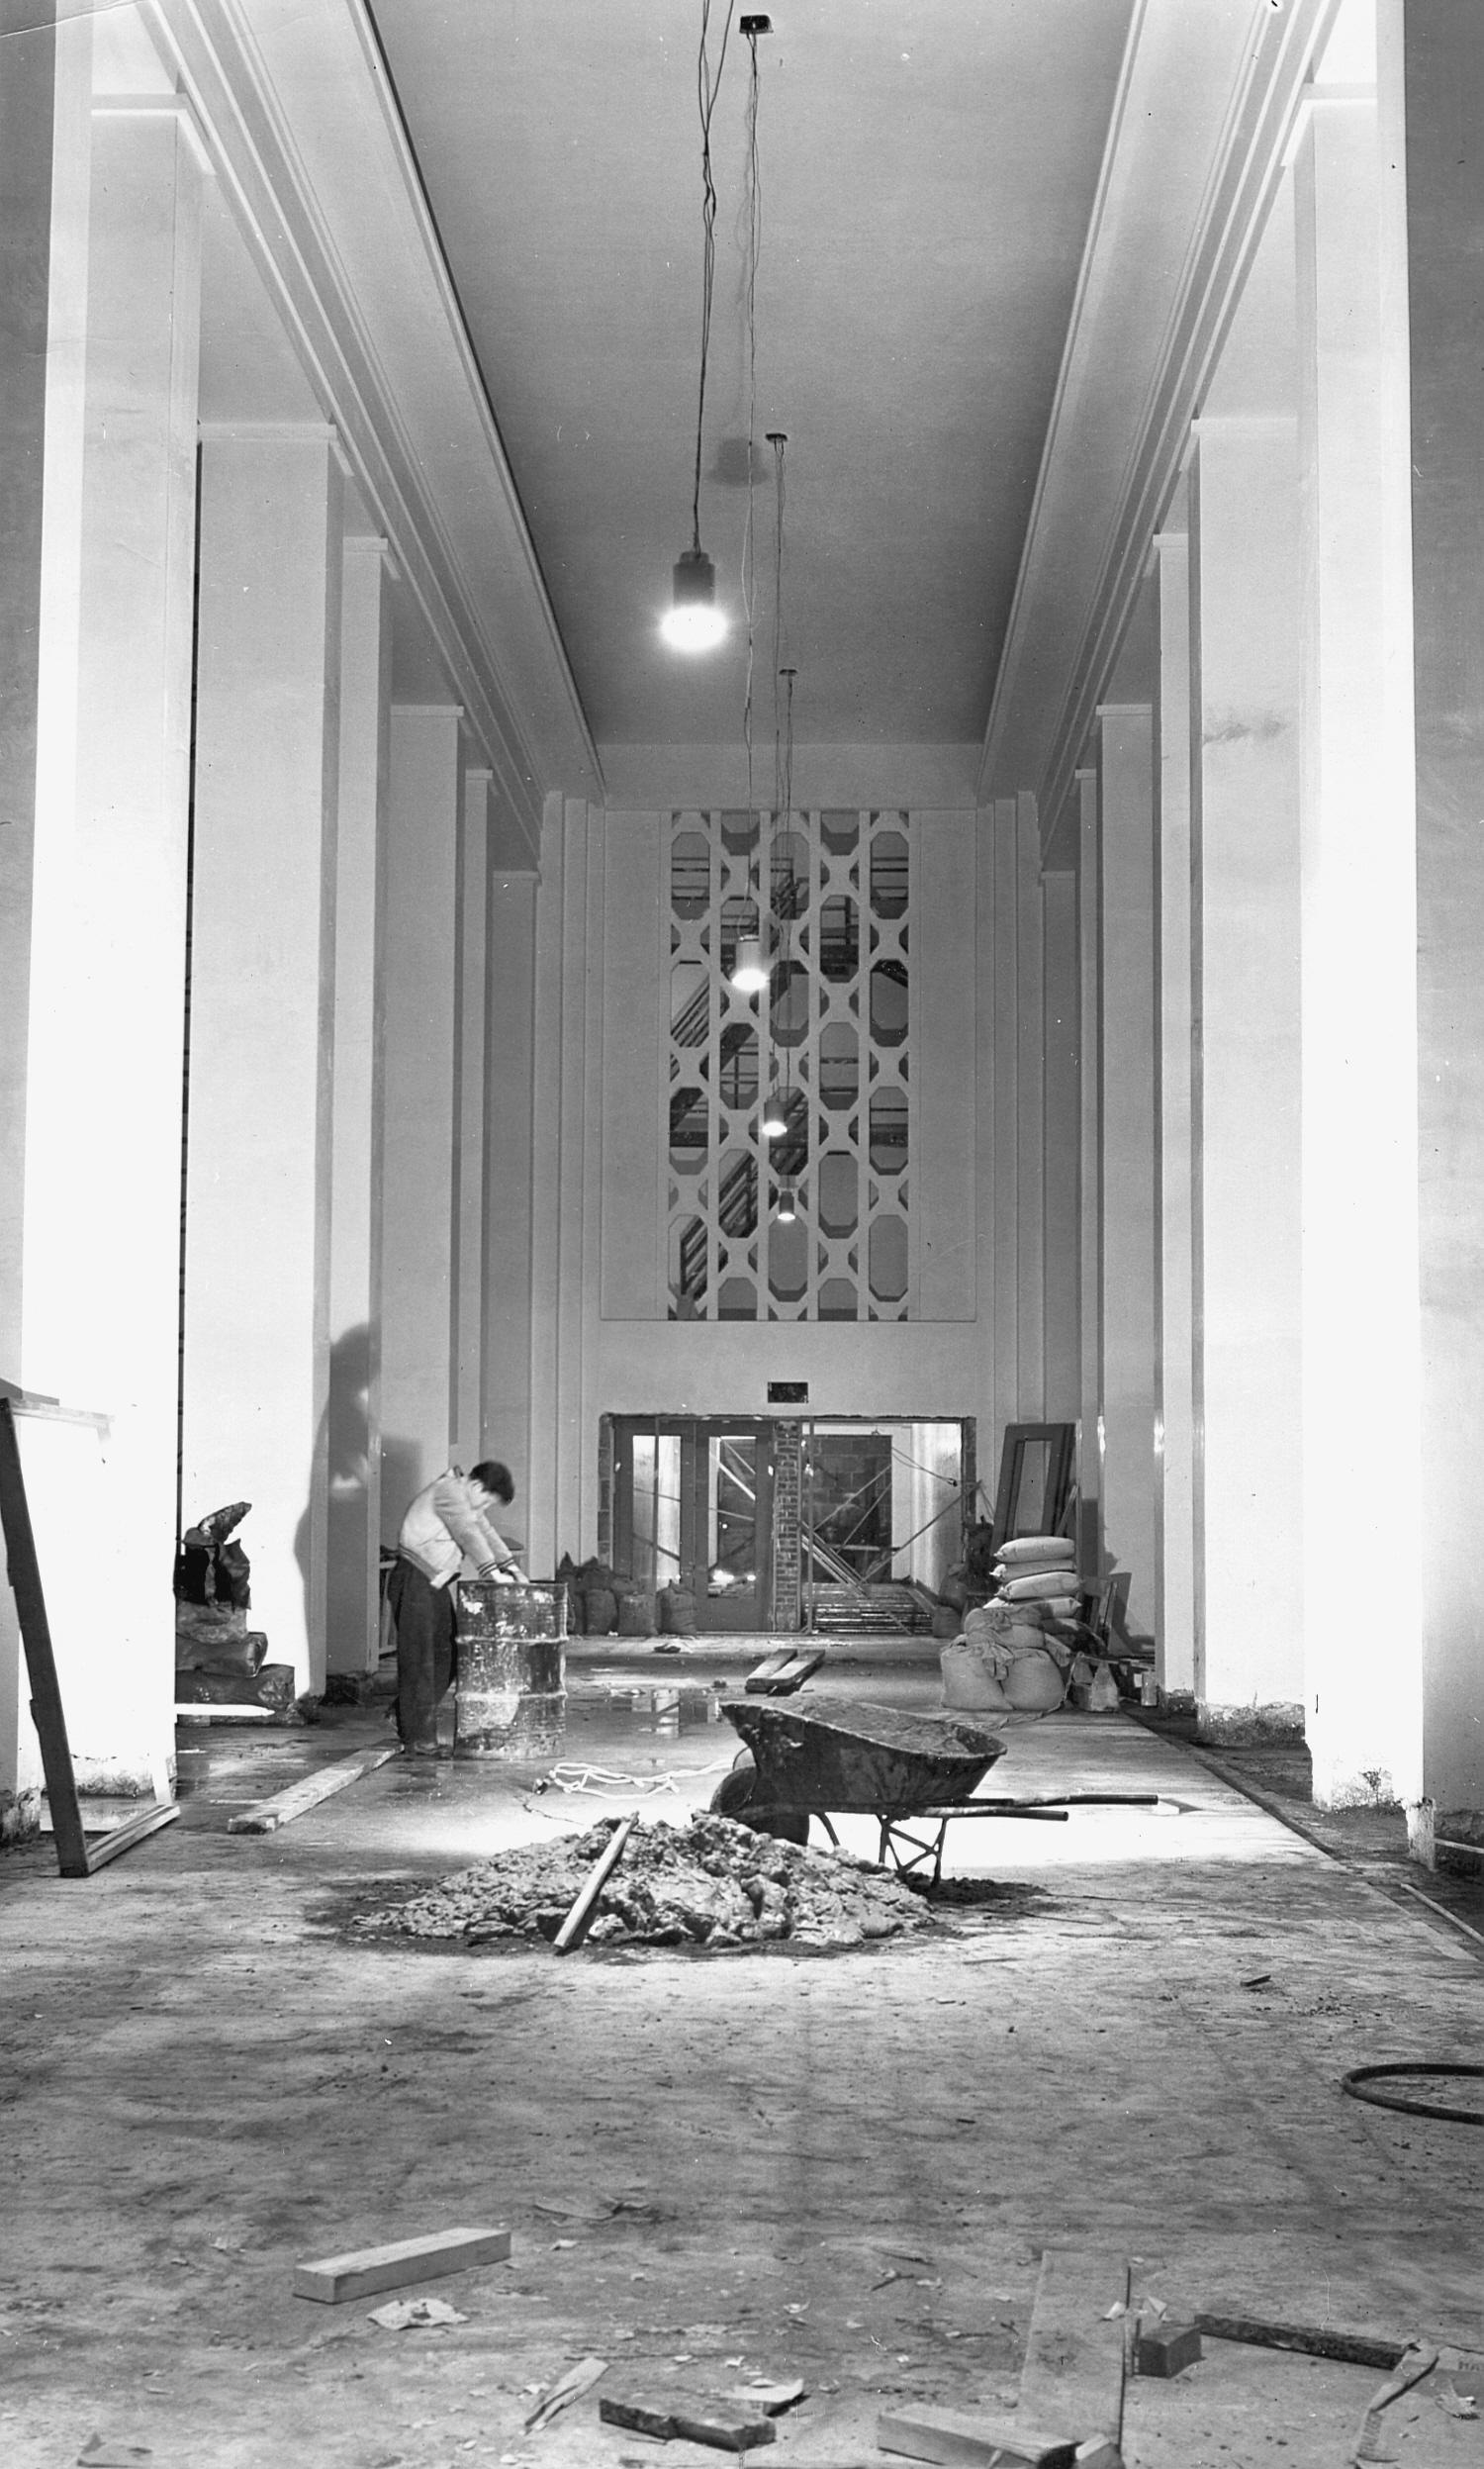 Construction chapelle ex-voto 1946-1949